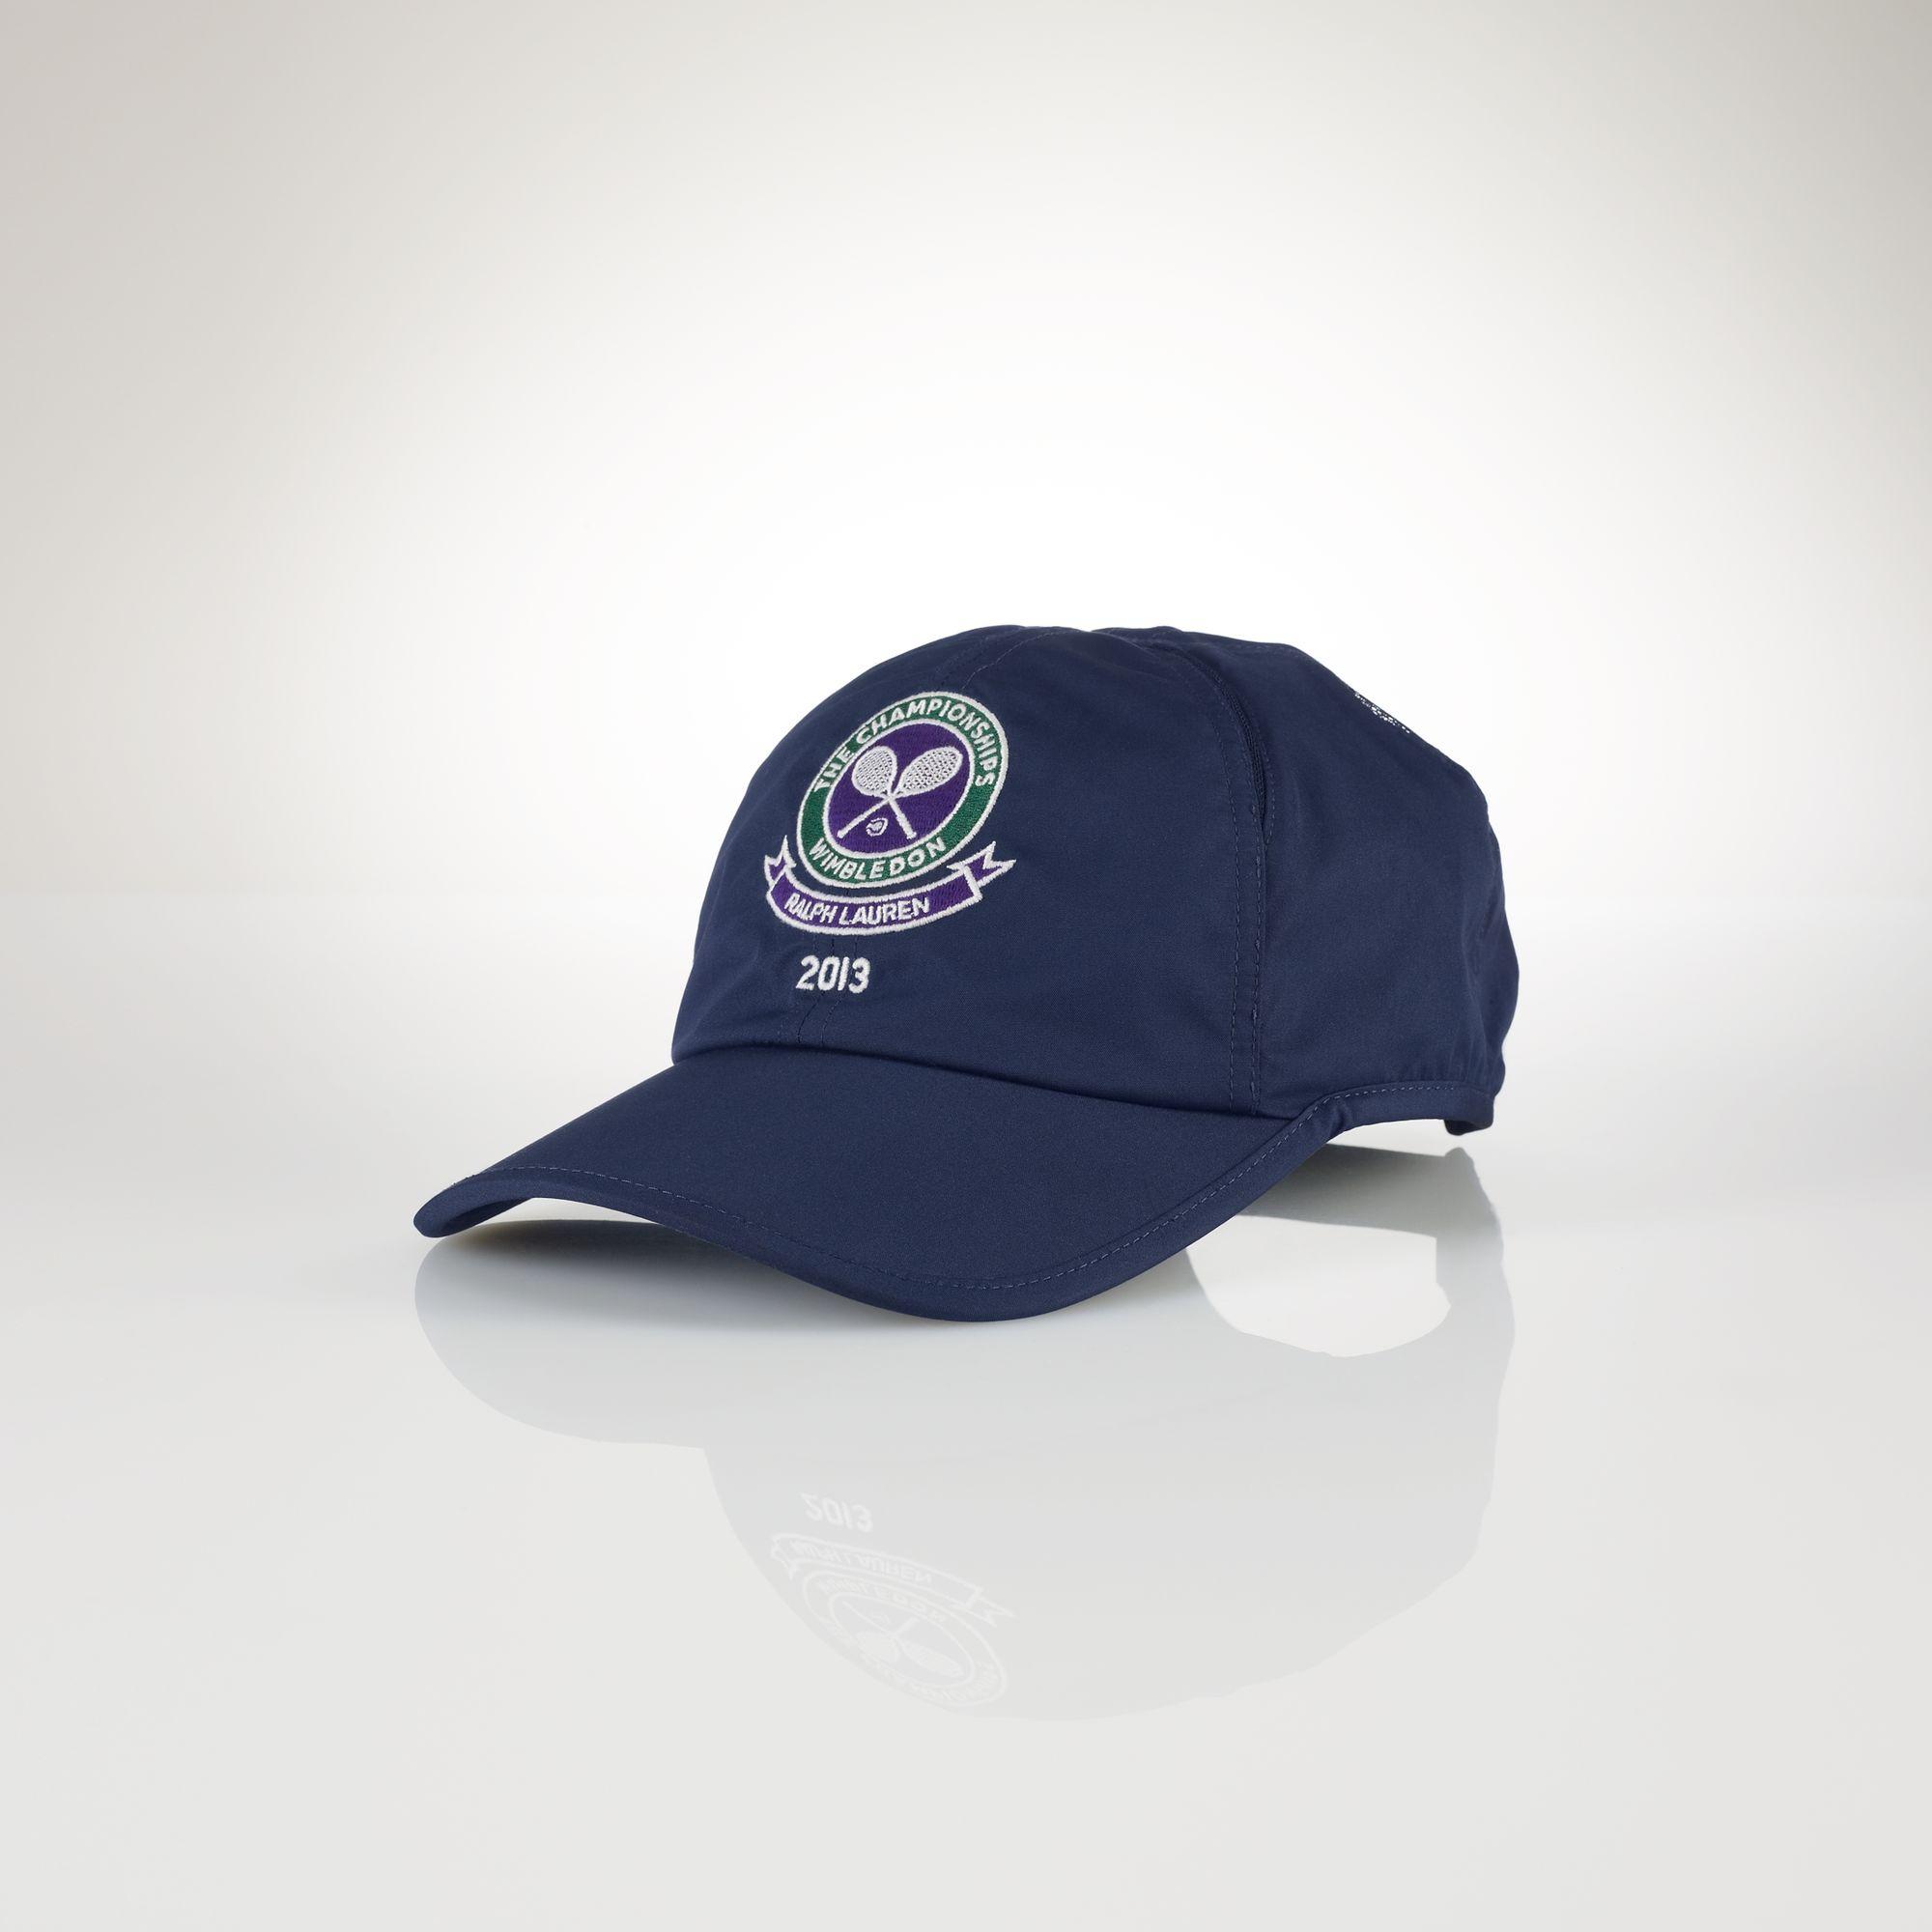 a3f88dccfbb07 Polo Ralph Lauren Wimbledon Cross Court Hat in Blue for Men - Lyst